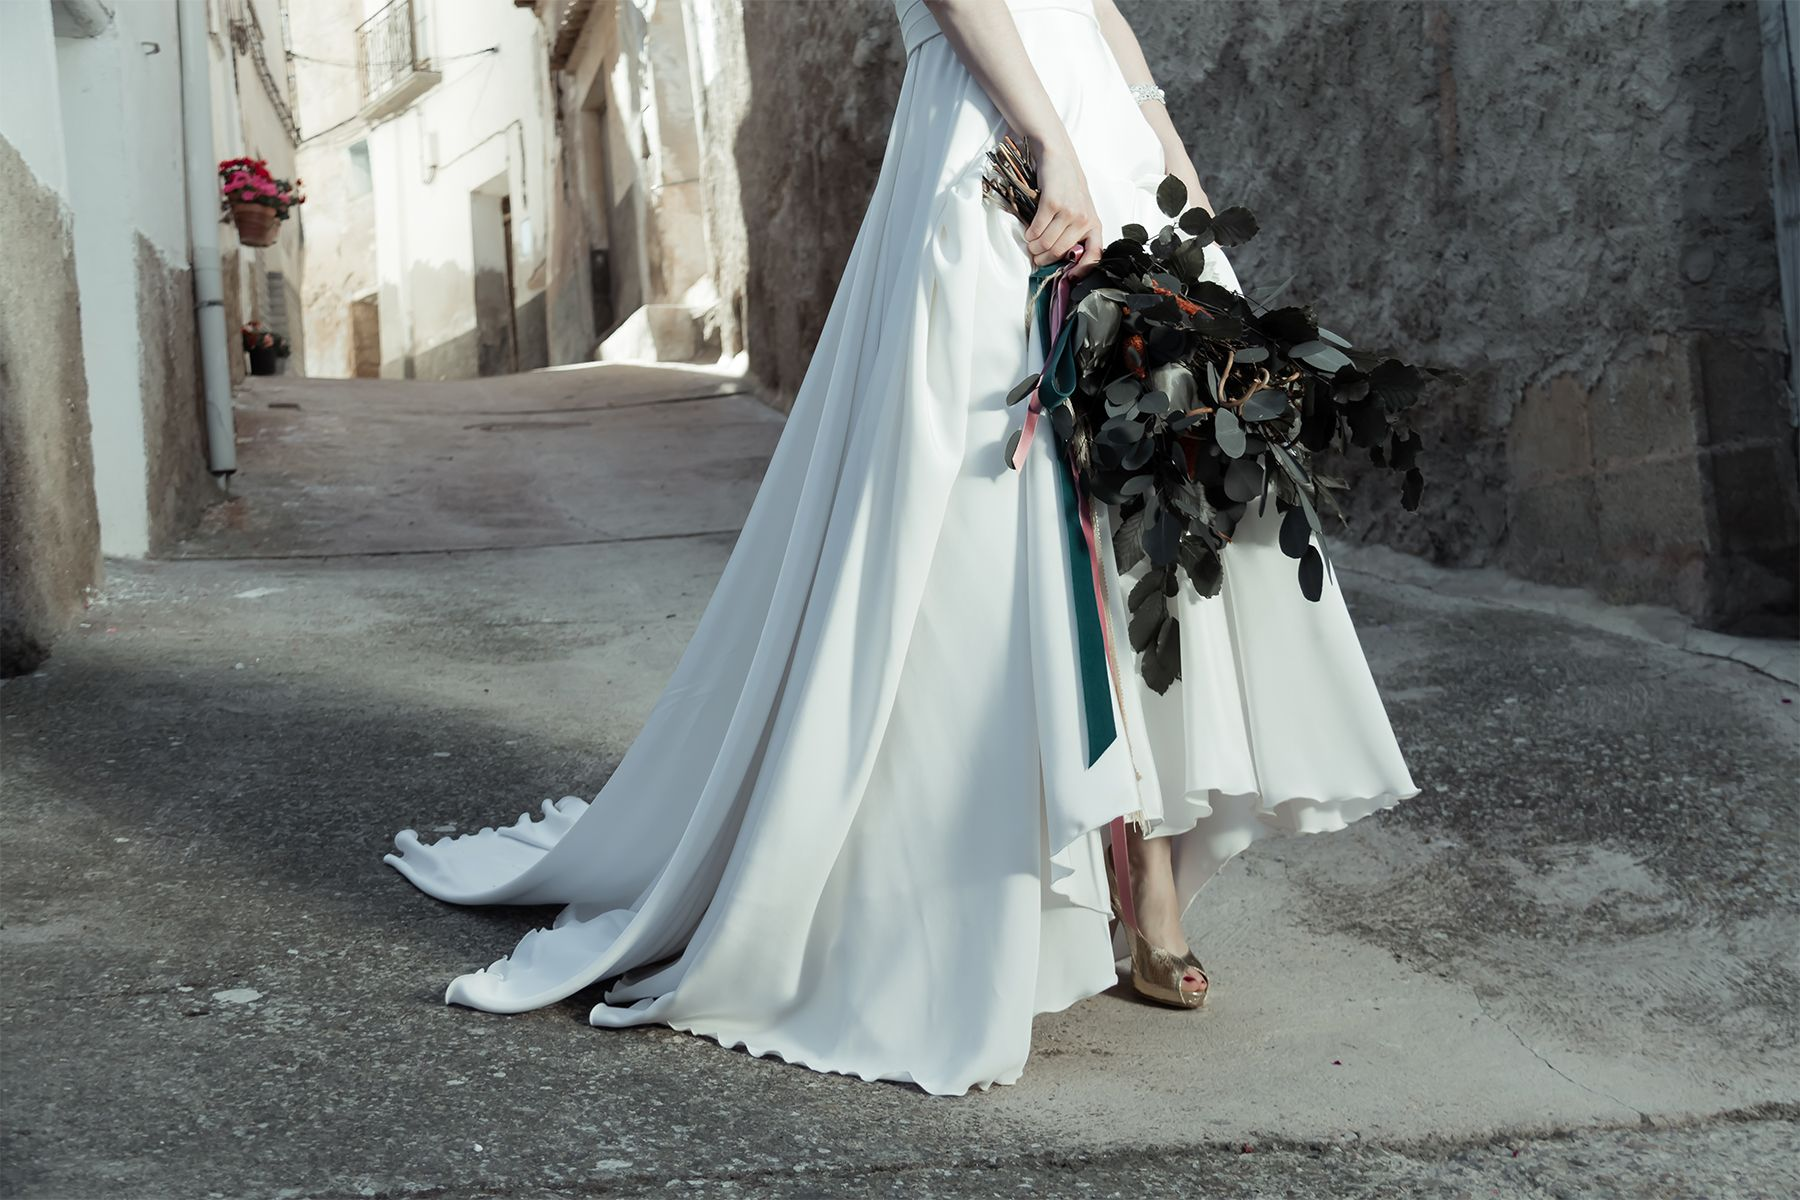 ramos de novia vestidos de novia | Colección Vestidos Novia | Pinterest